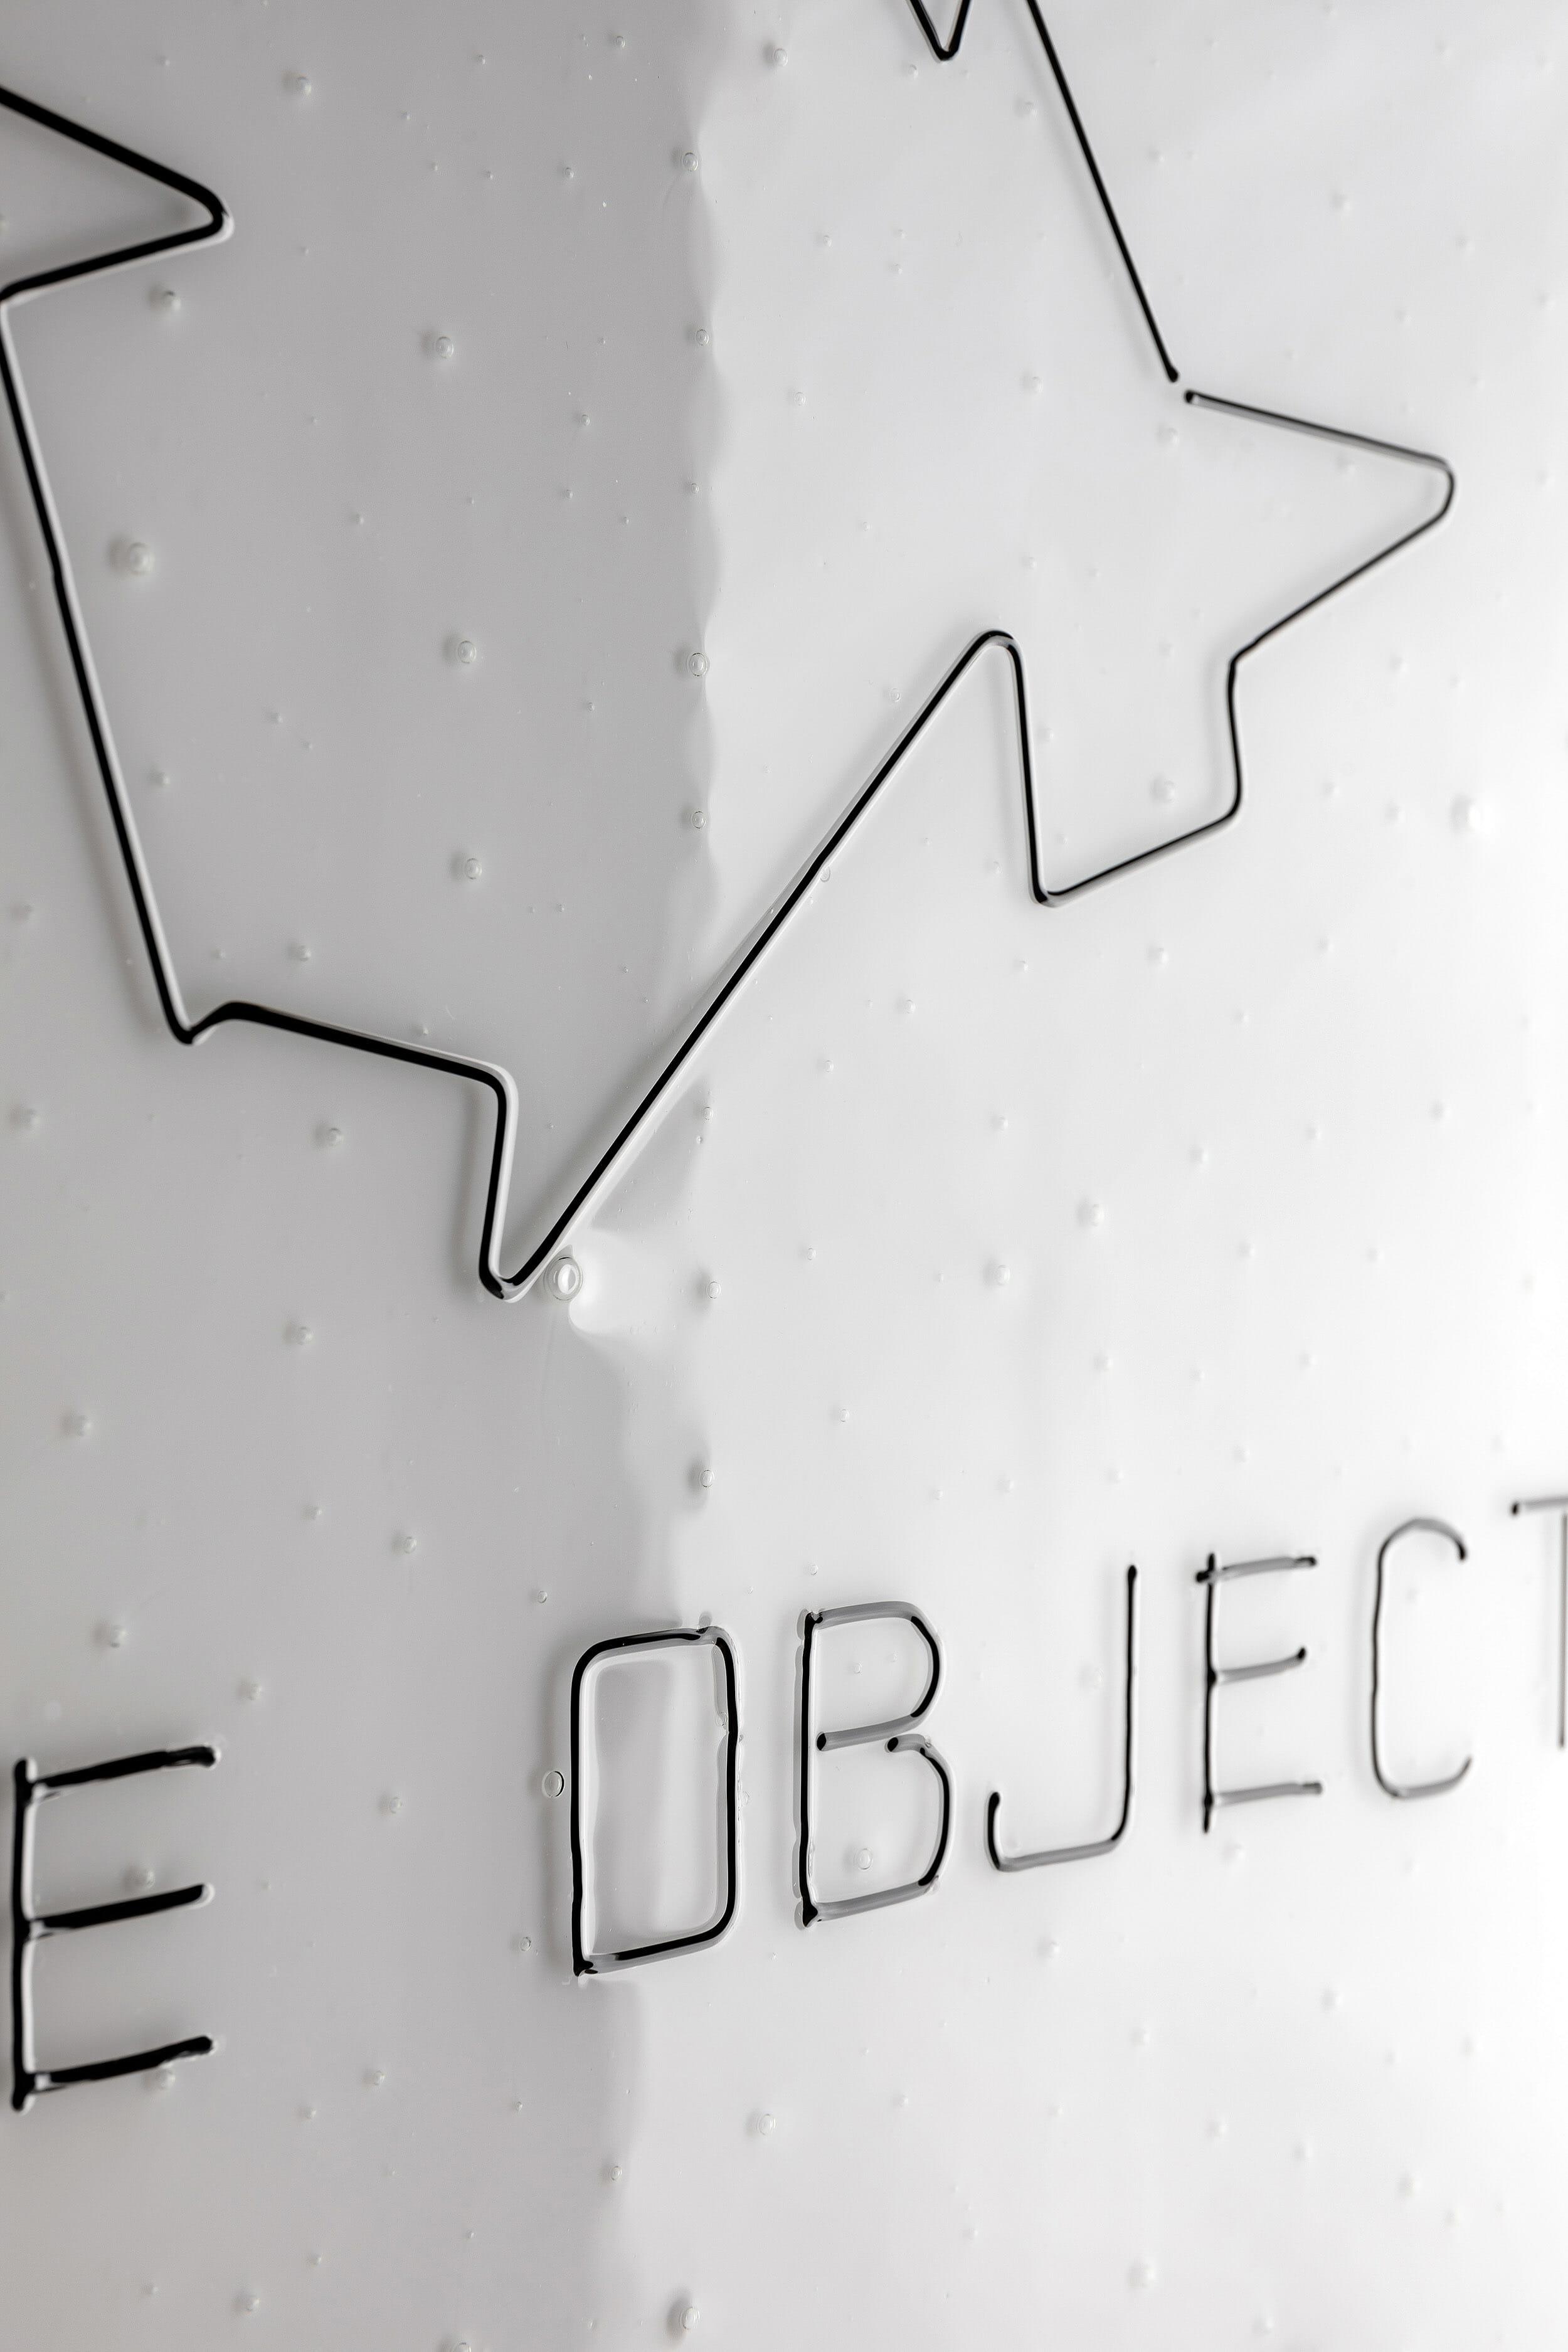 True Object